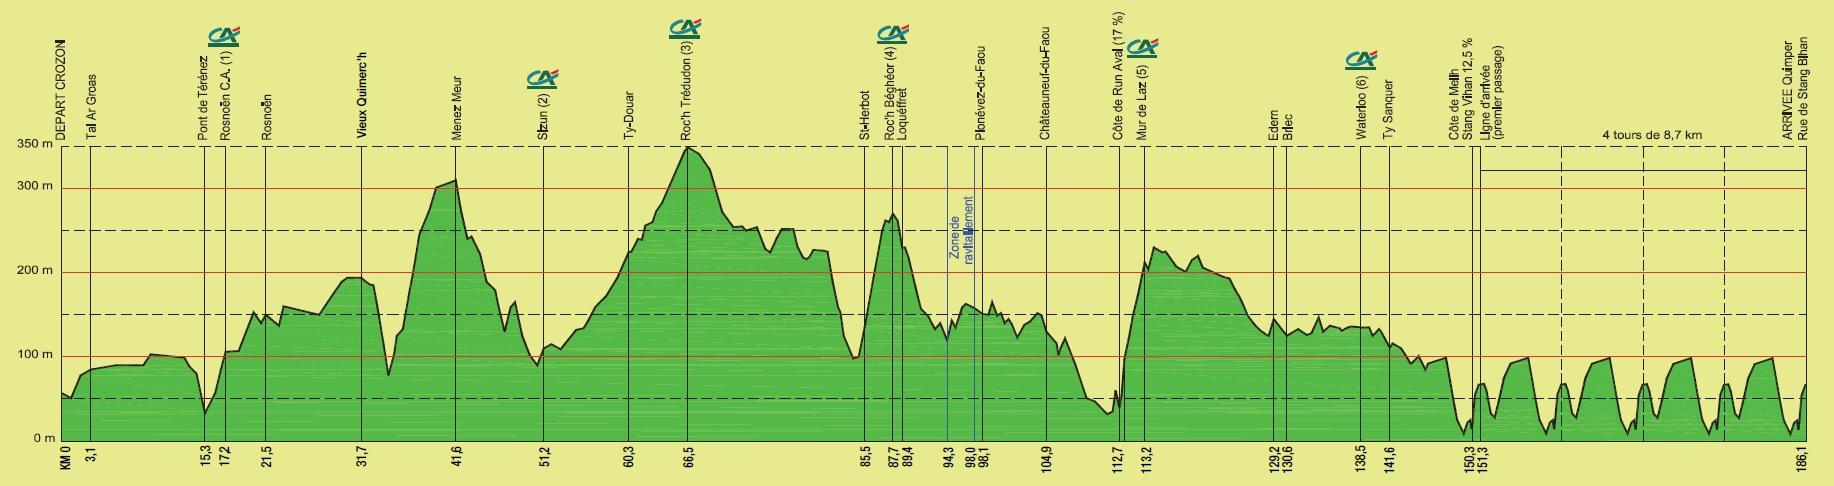 Höhenprofil Tour du Finistère 2011